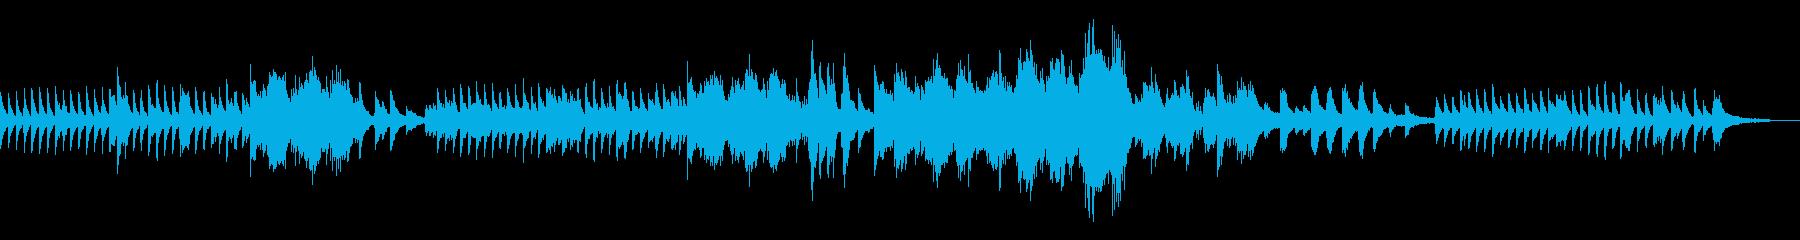 KANTピアノバラード0603LGの再生済みの波形